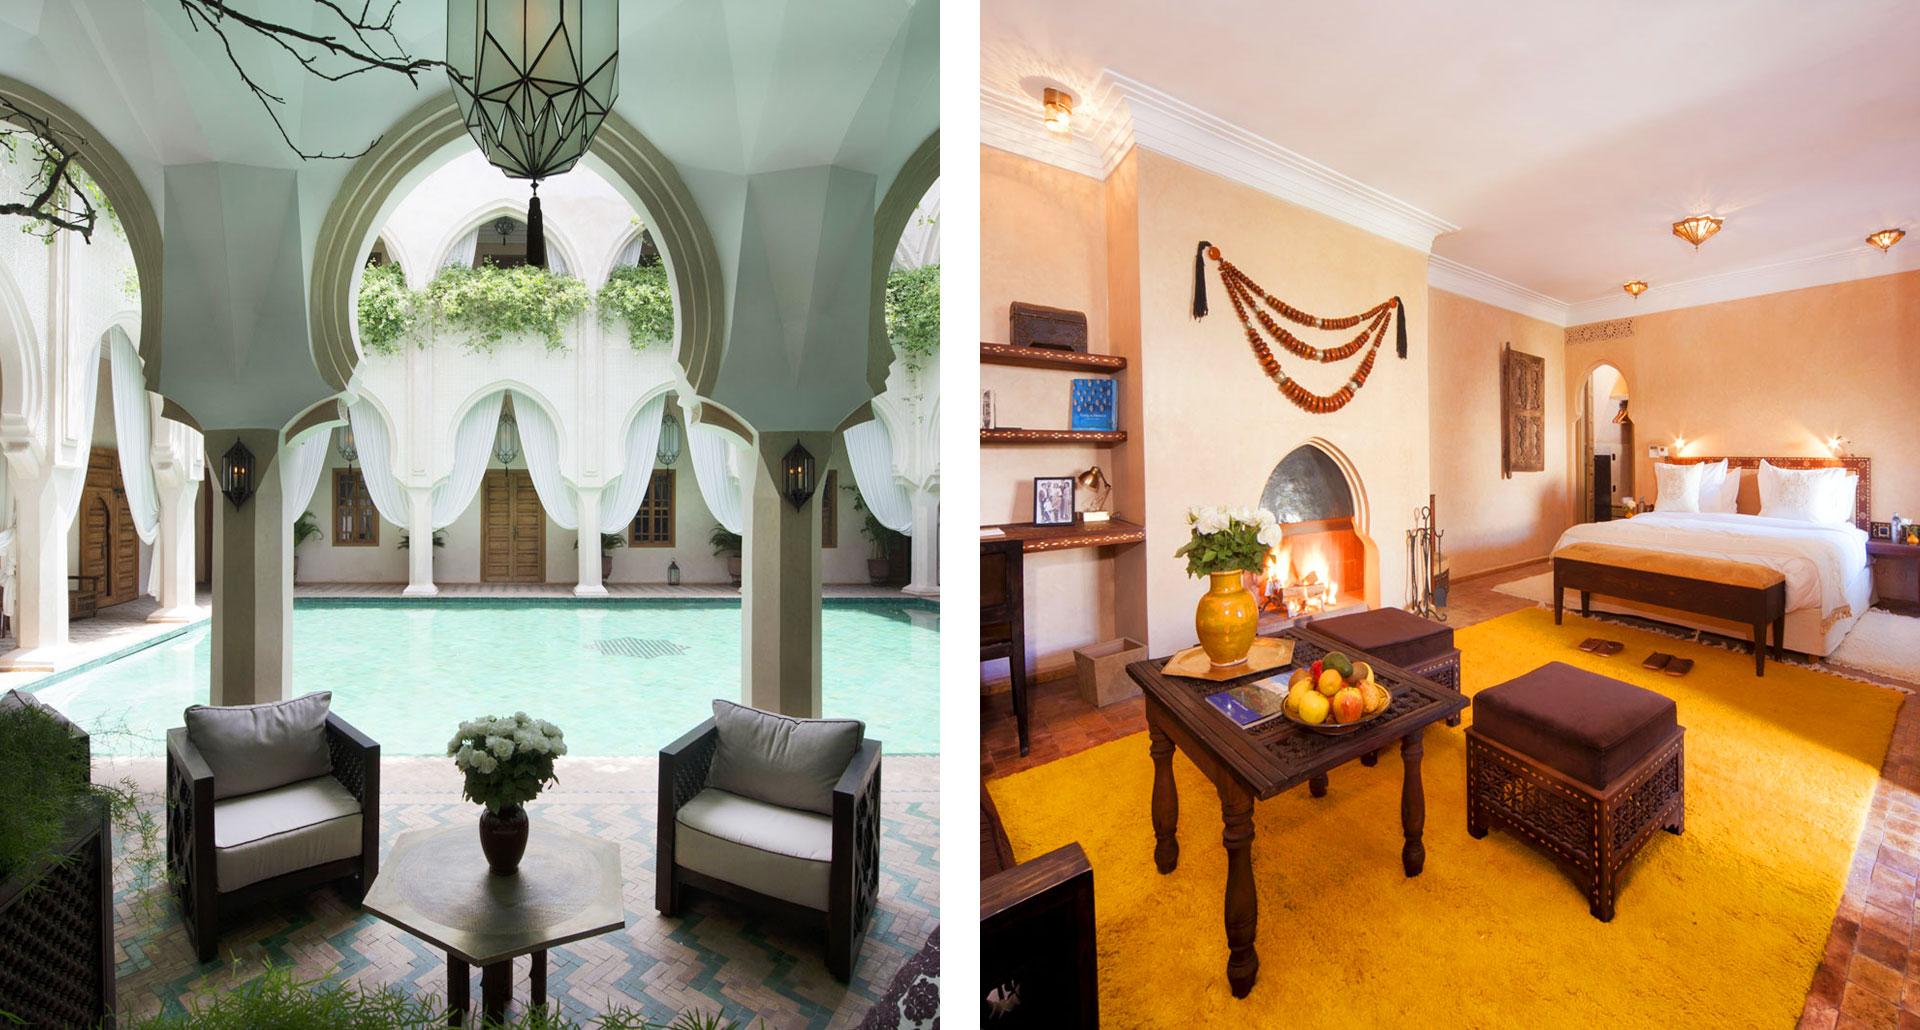 Almaha Marrakech - boutique hotel in Marrakech